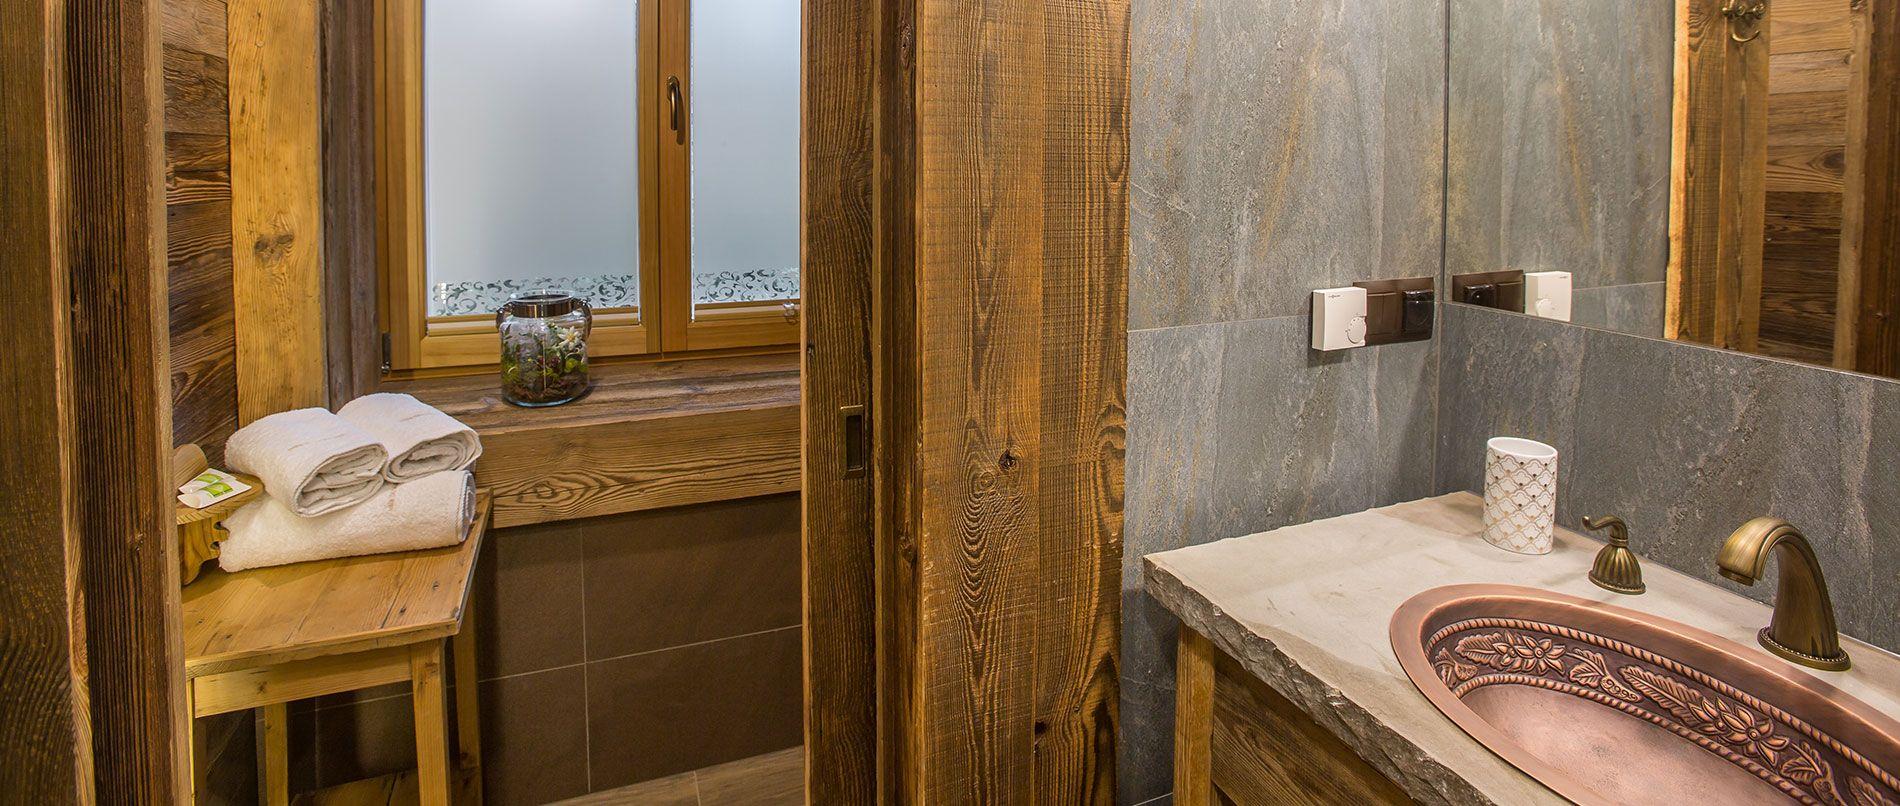 Apartament Karpacki - łazienka